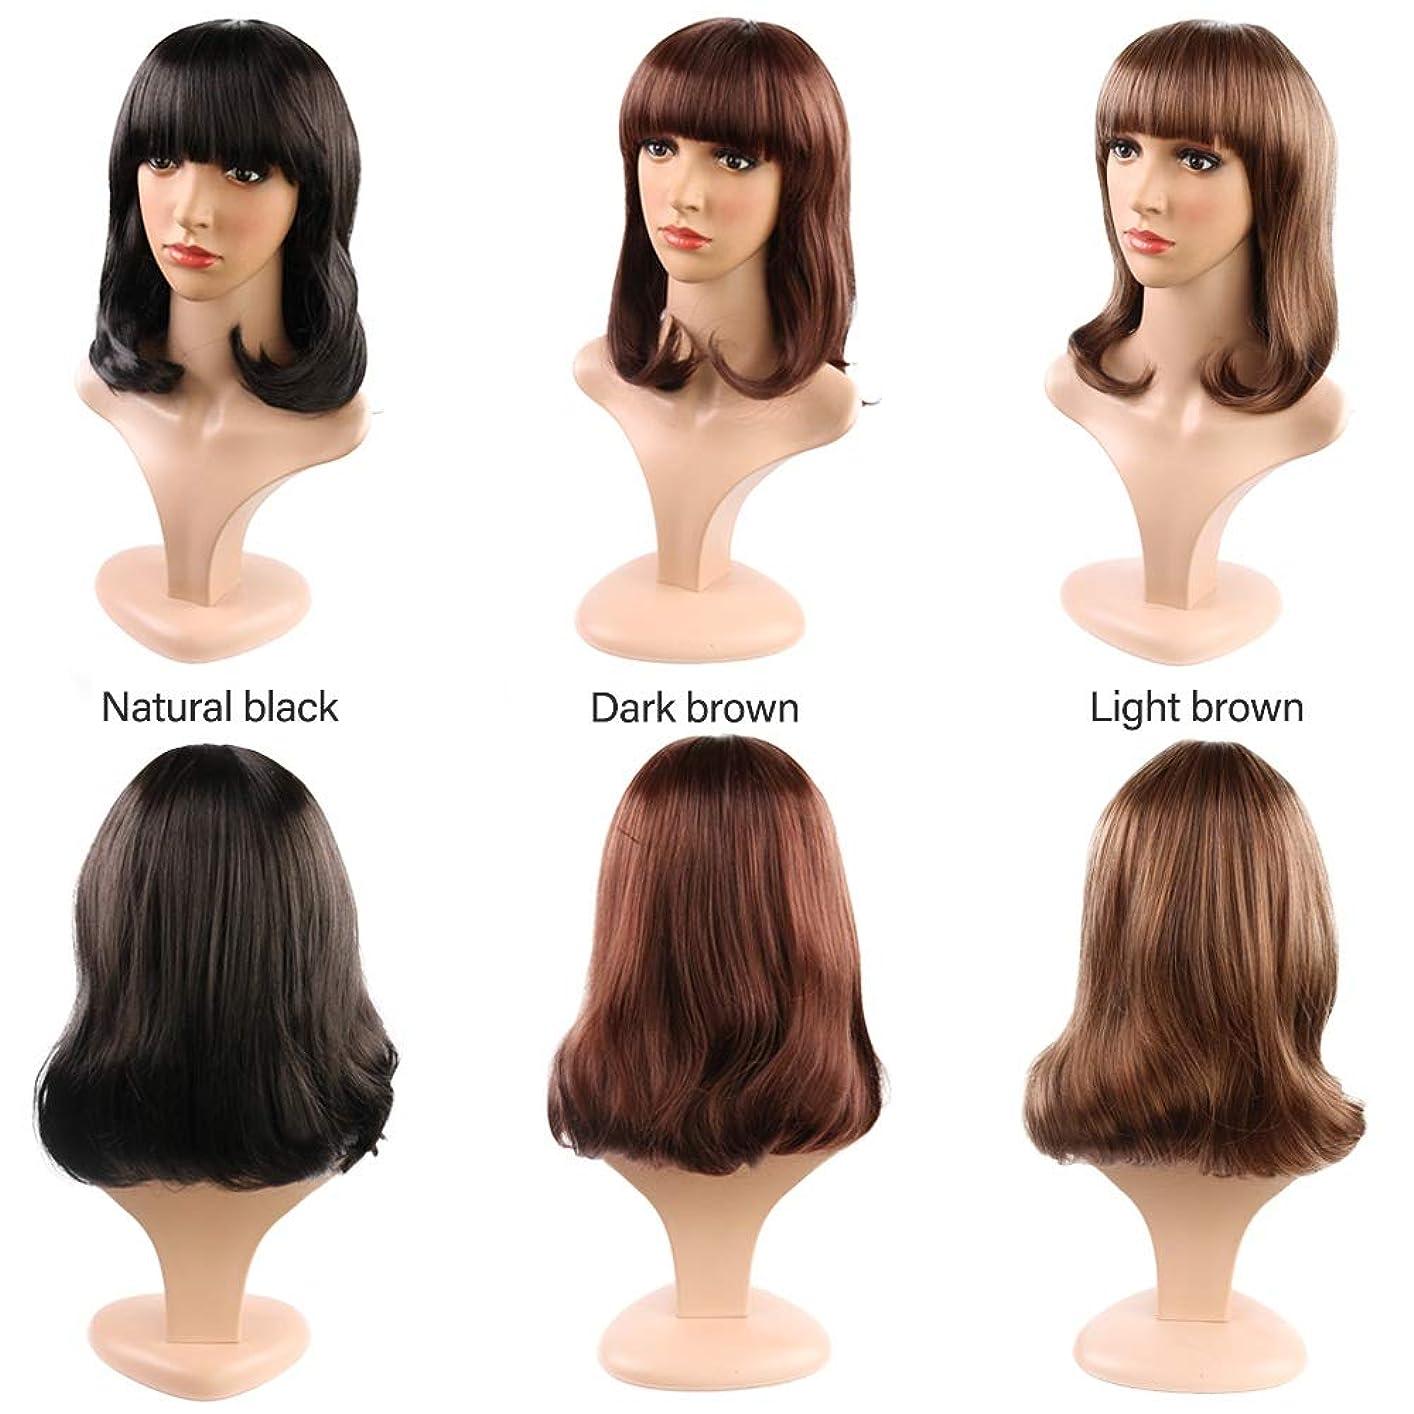 驚かす生き残りますお気に入り女性のためのストレートフラット前髪ショートボブウィッグ合成かつら耐熱完全な頭部の髪の交換ウィッグミディアムの長さ (Color : Light Brown)